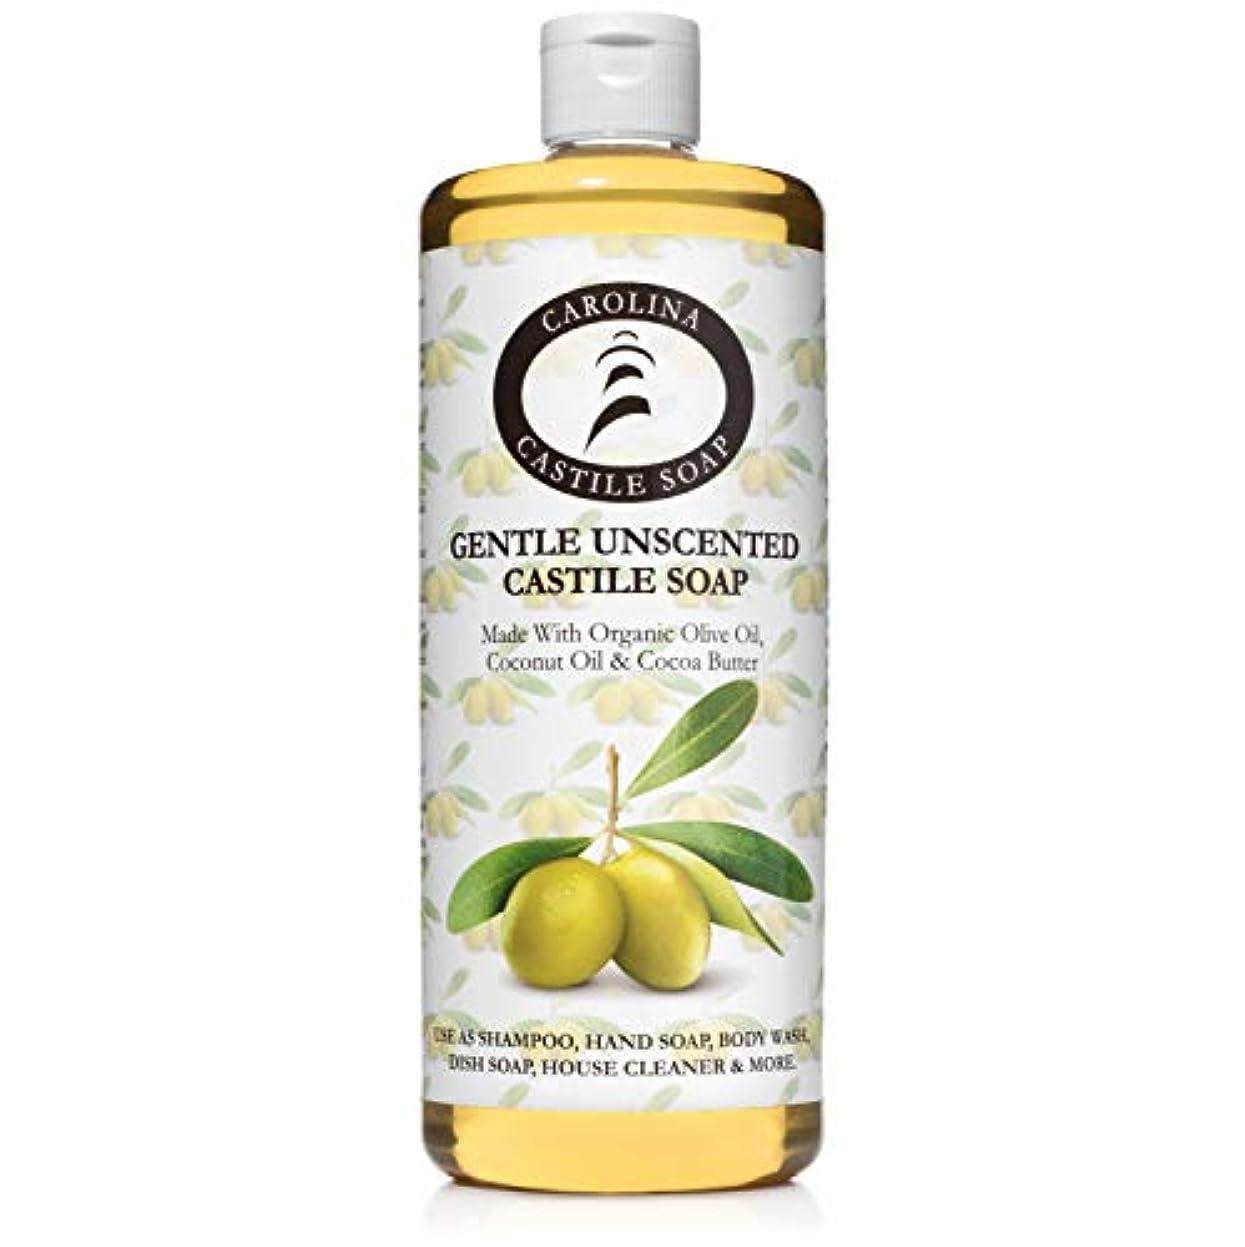 朝ごはん独裁者組み合わせるCarolina Castile Soap ジェントル無香料認定オーガニック 32オズ